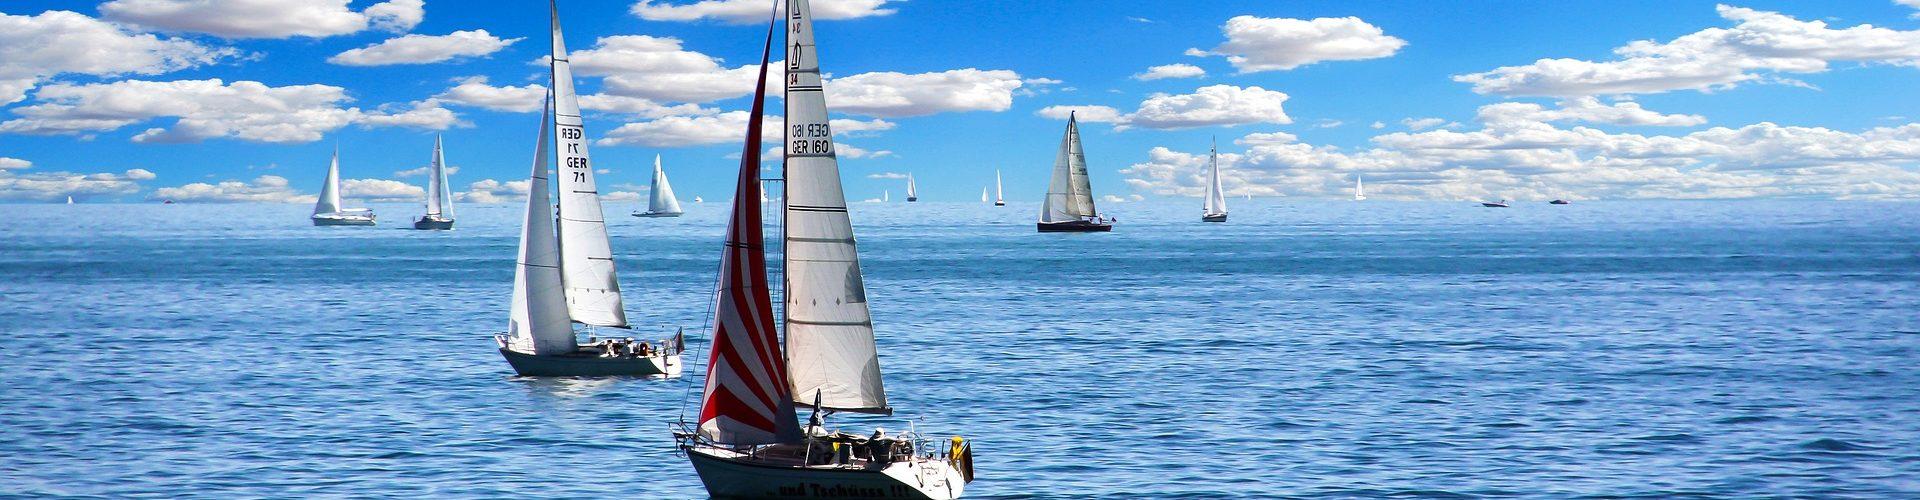 segeln lernen in Itzehoe segelschein machen in Itzehoe 1920x500 - Segeln lernen in Itzehoe